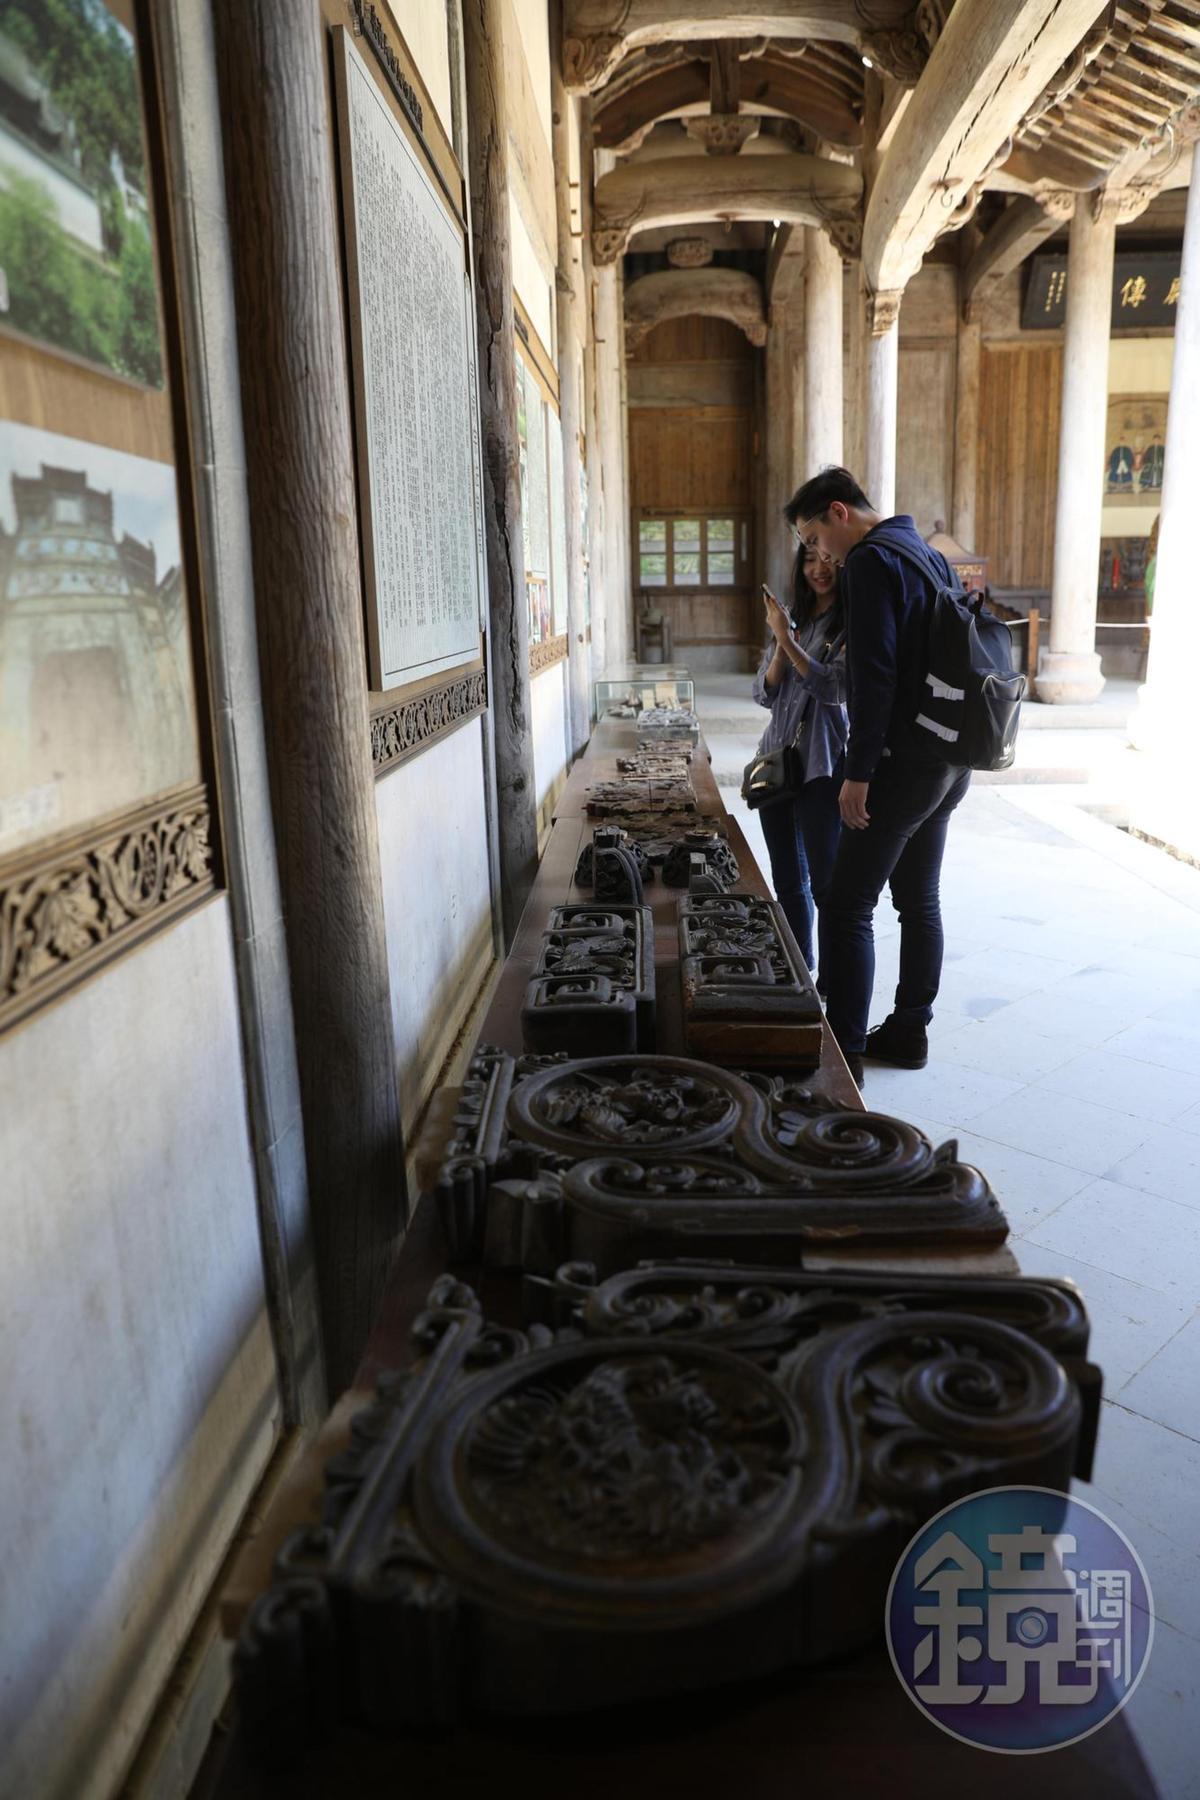 館內展示各種精細的徽雕作品。